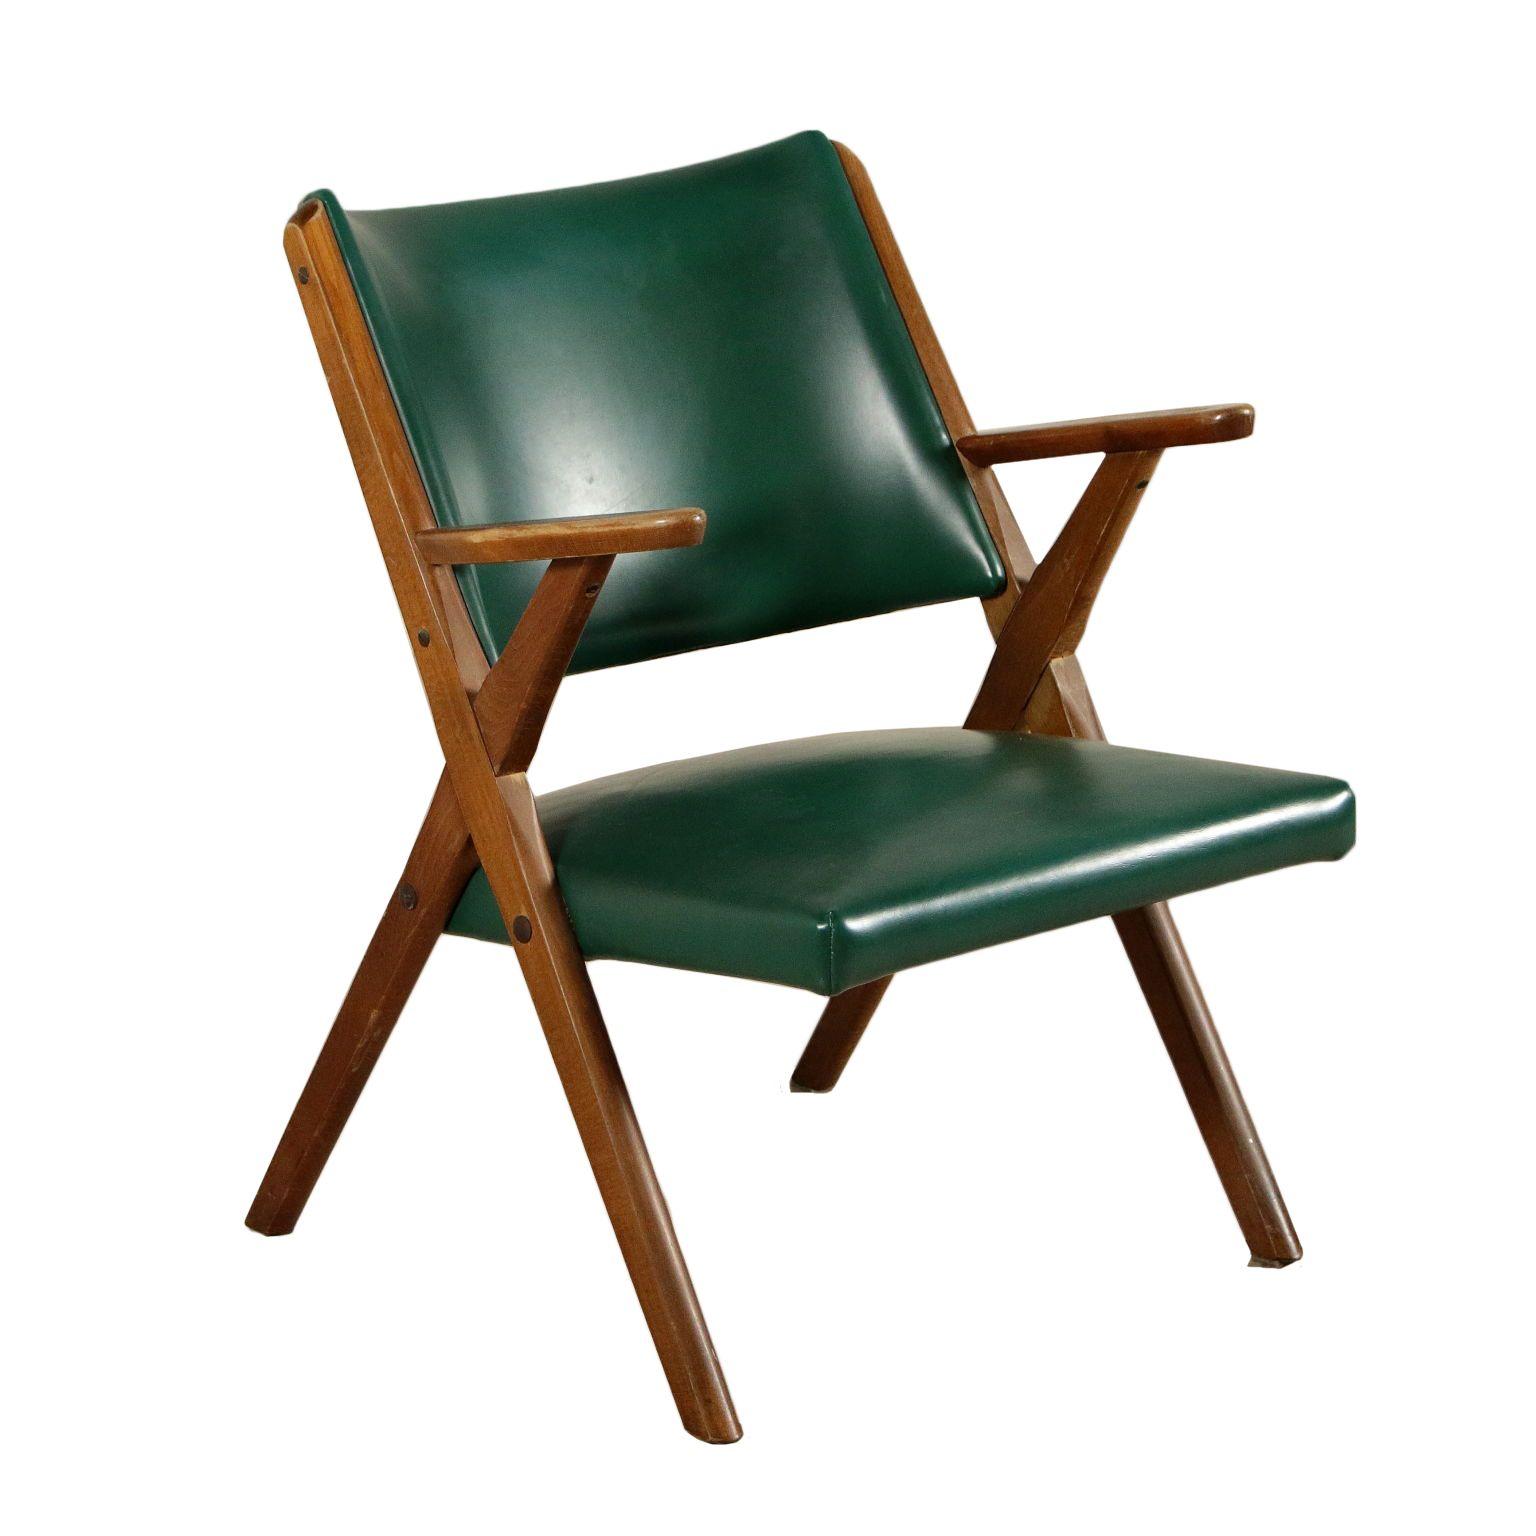 Vintage Et Deco Chaise Avec Accodouirs Hetre Teint Mousse Skai Italie Annees 50 Chaise Avec Accodouirs En Bois De Hetr Chaise Chaise Vintage Chaise Pliante